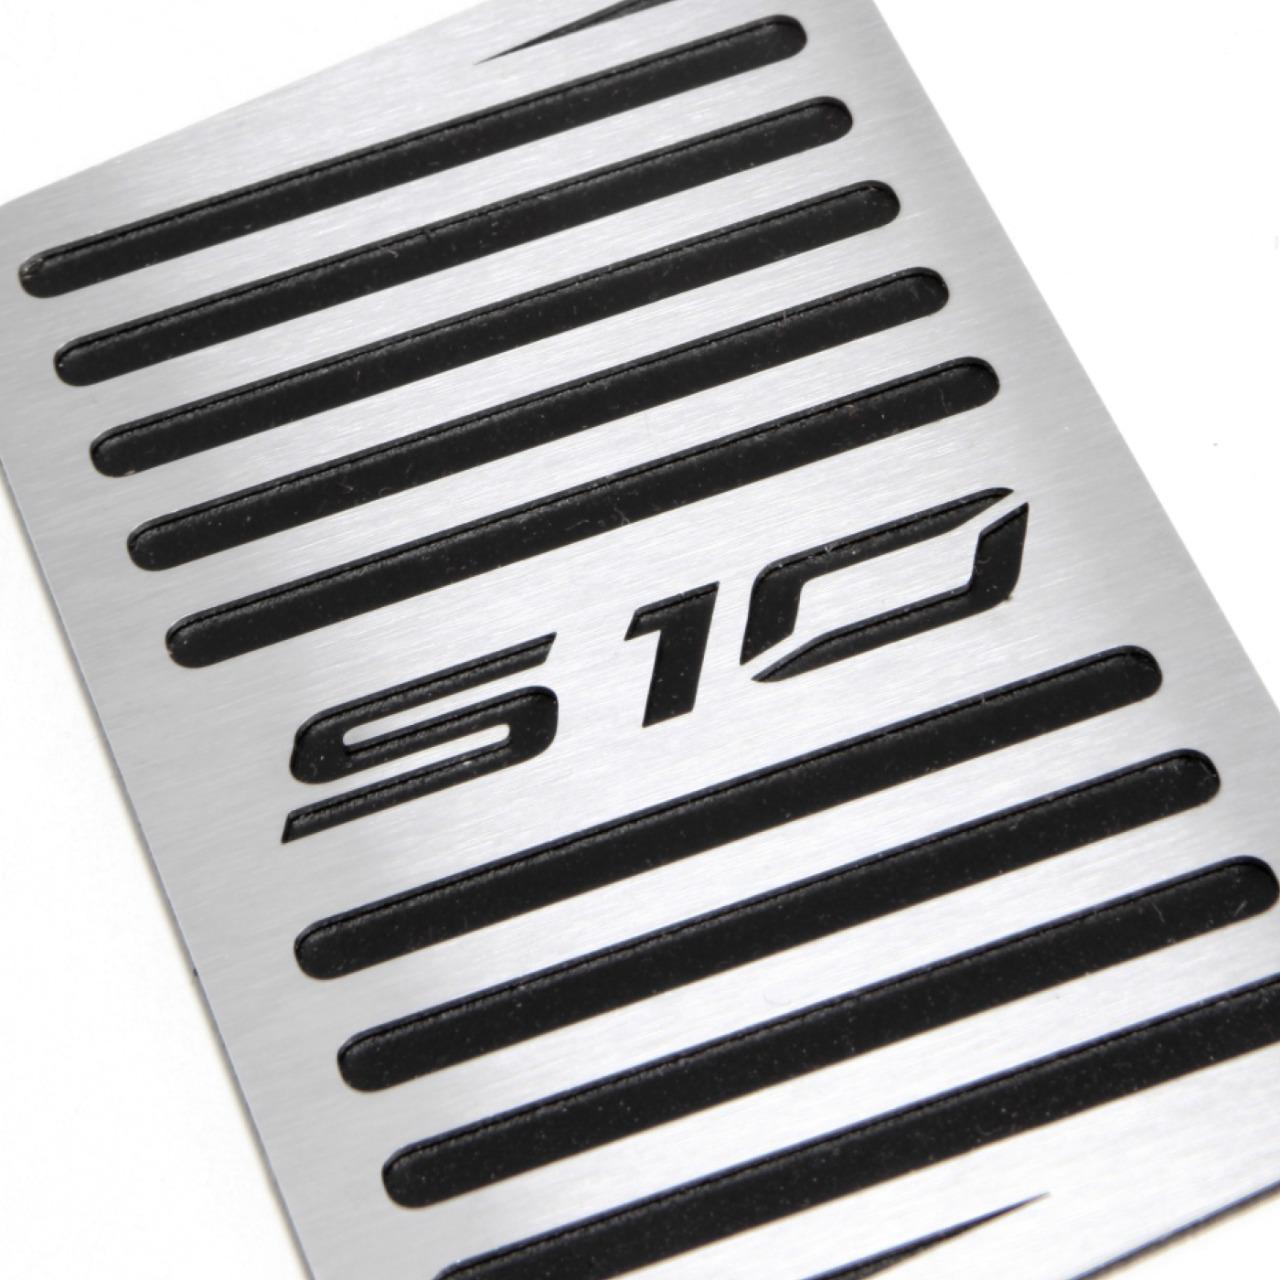 Descanso de Pé Chevrolet S10 Aço Inox Escovado